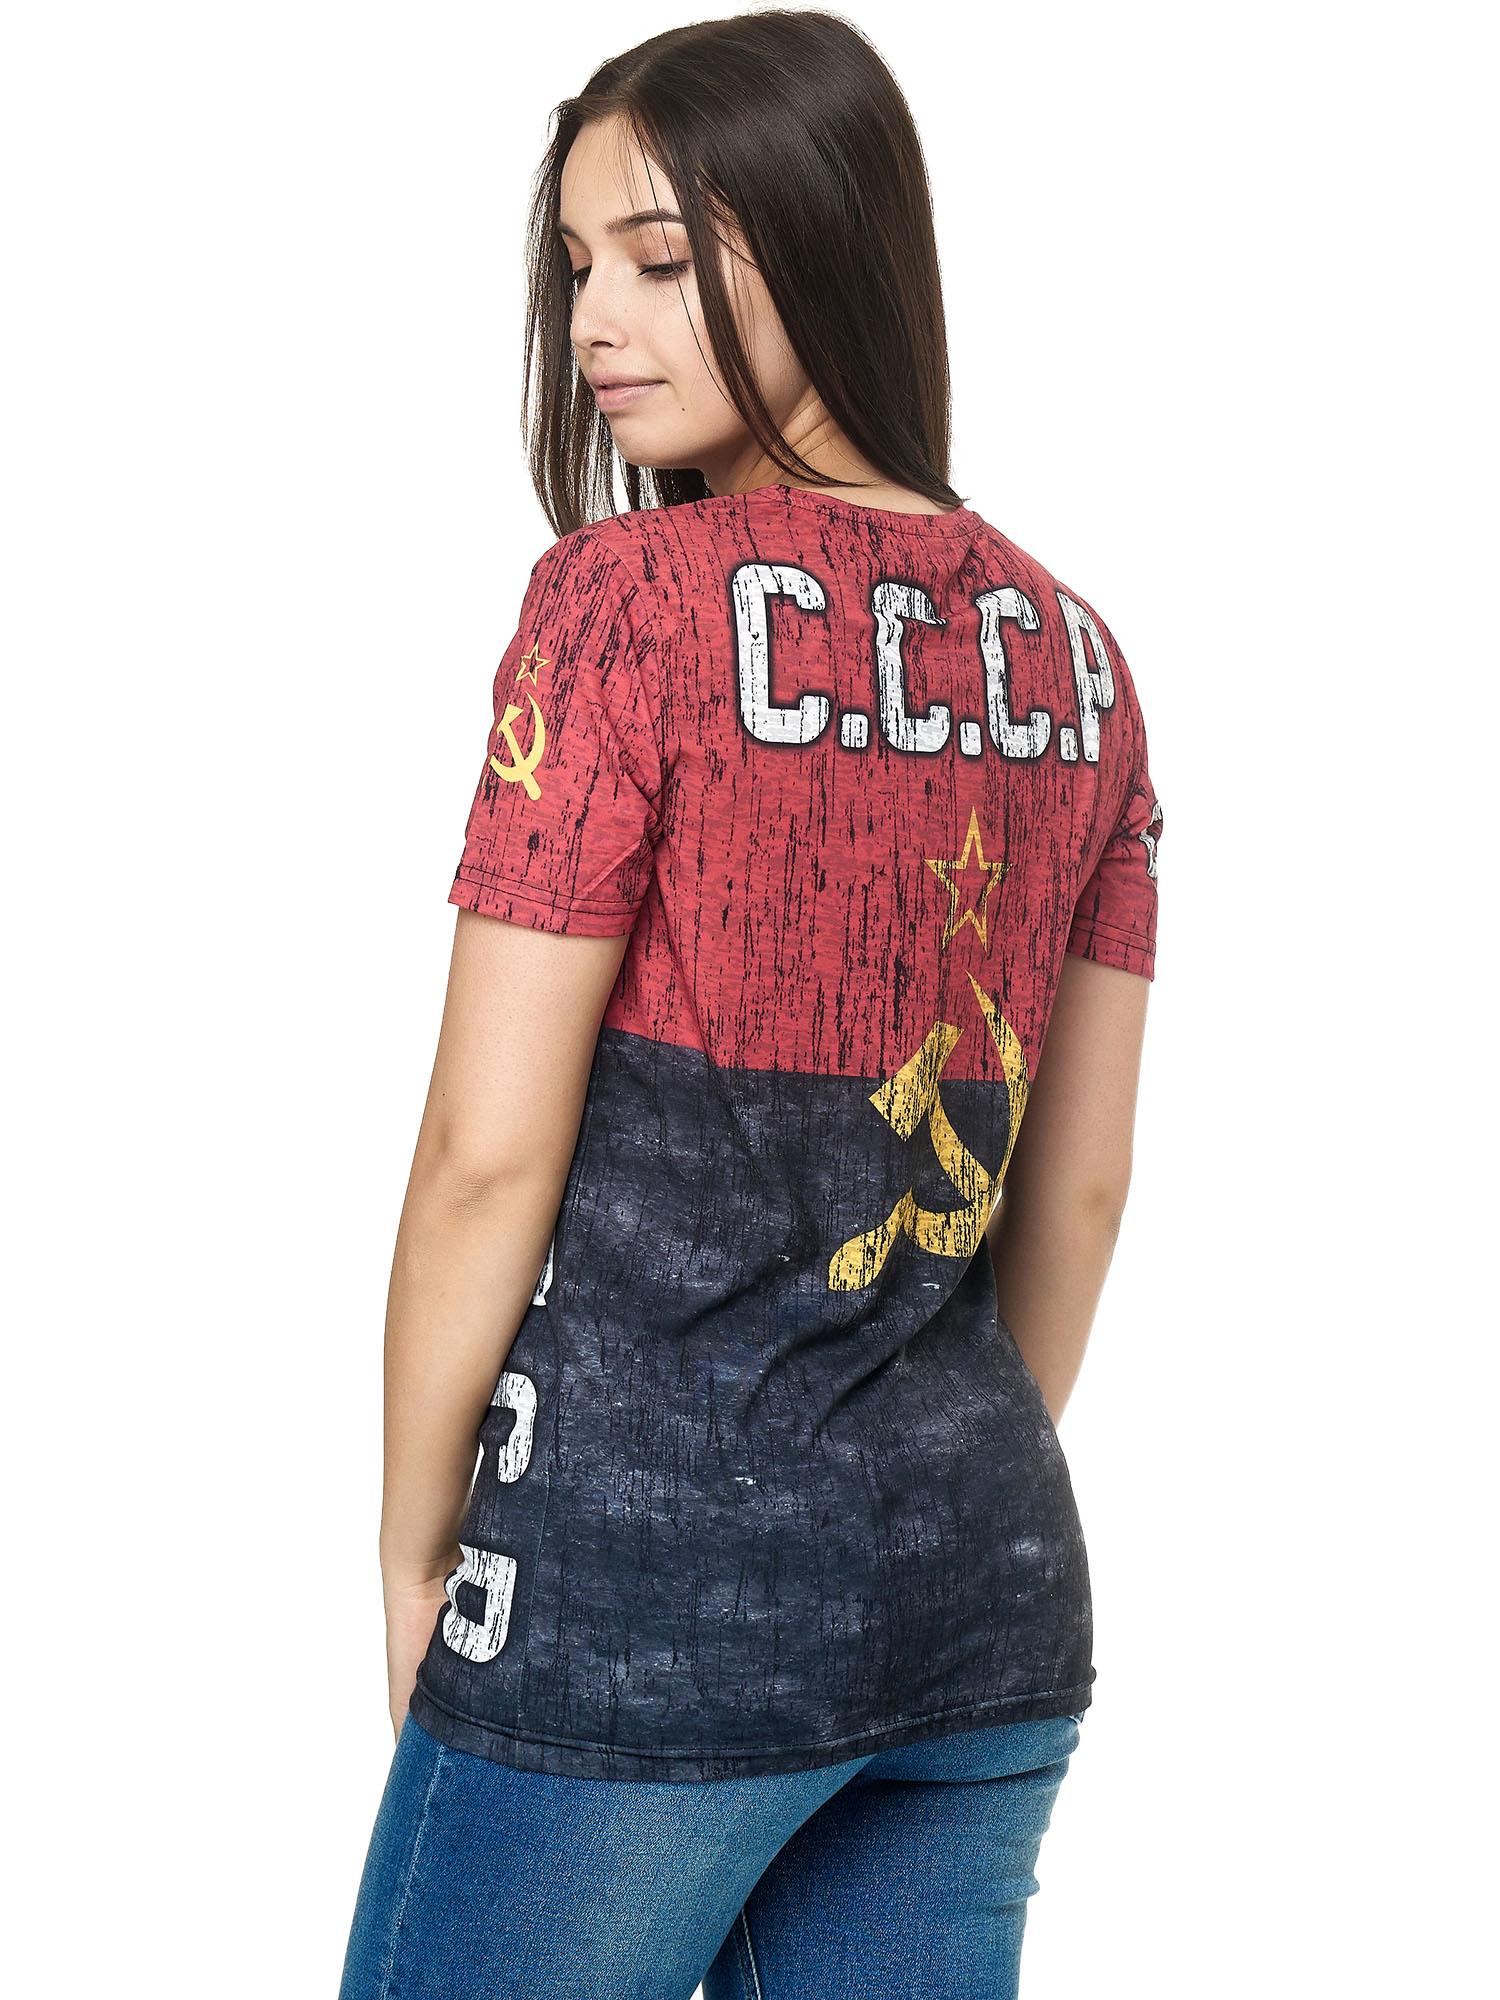 Paesi-da-Donna-T-shirt-A-Maniche-Corte-Girocollo-donne-CALCIO-Fanshirt-John-Kayna miniatura 20